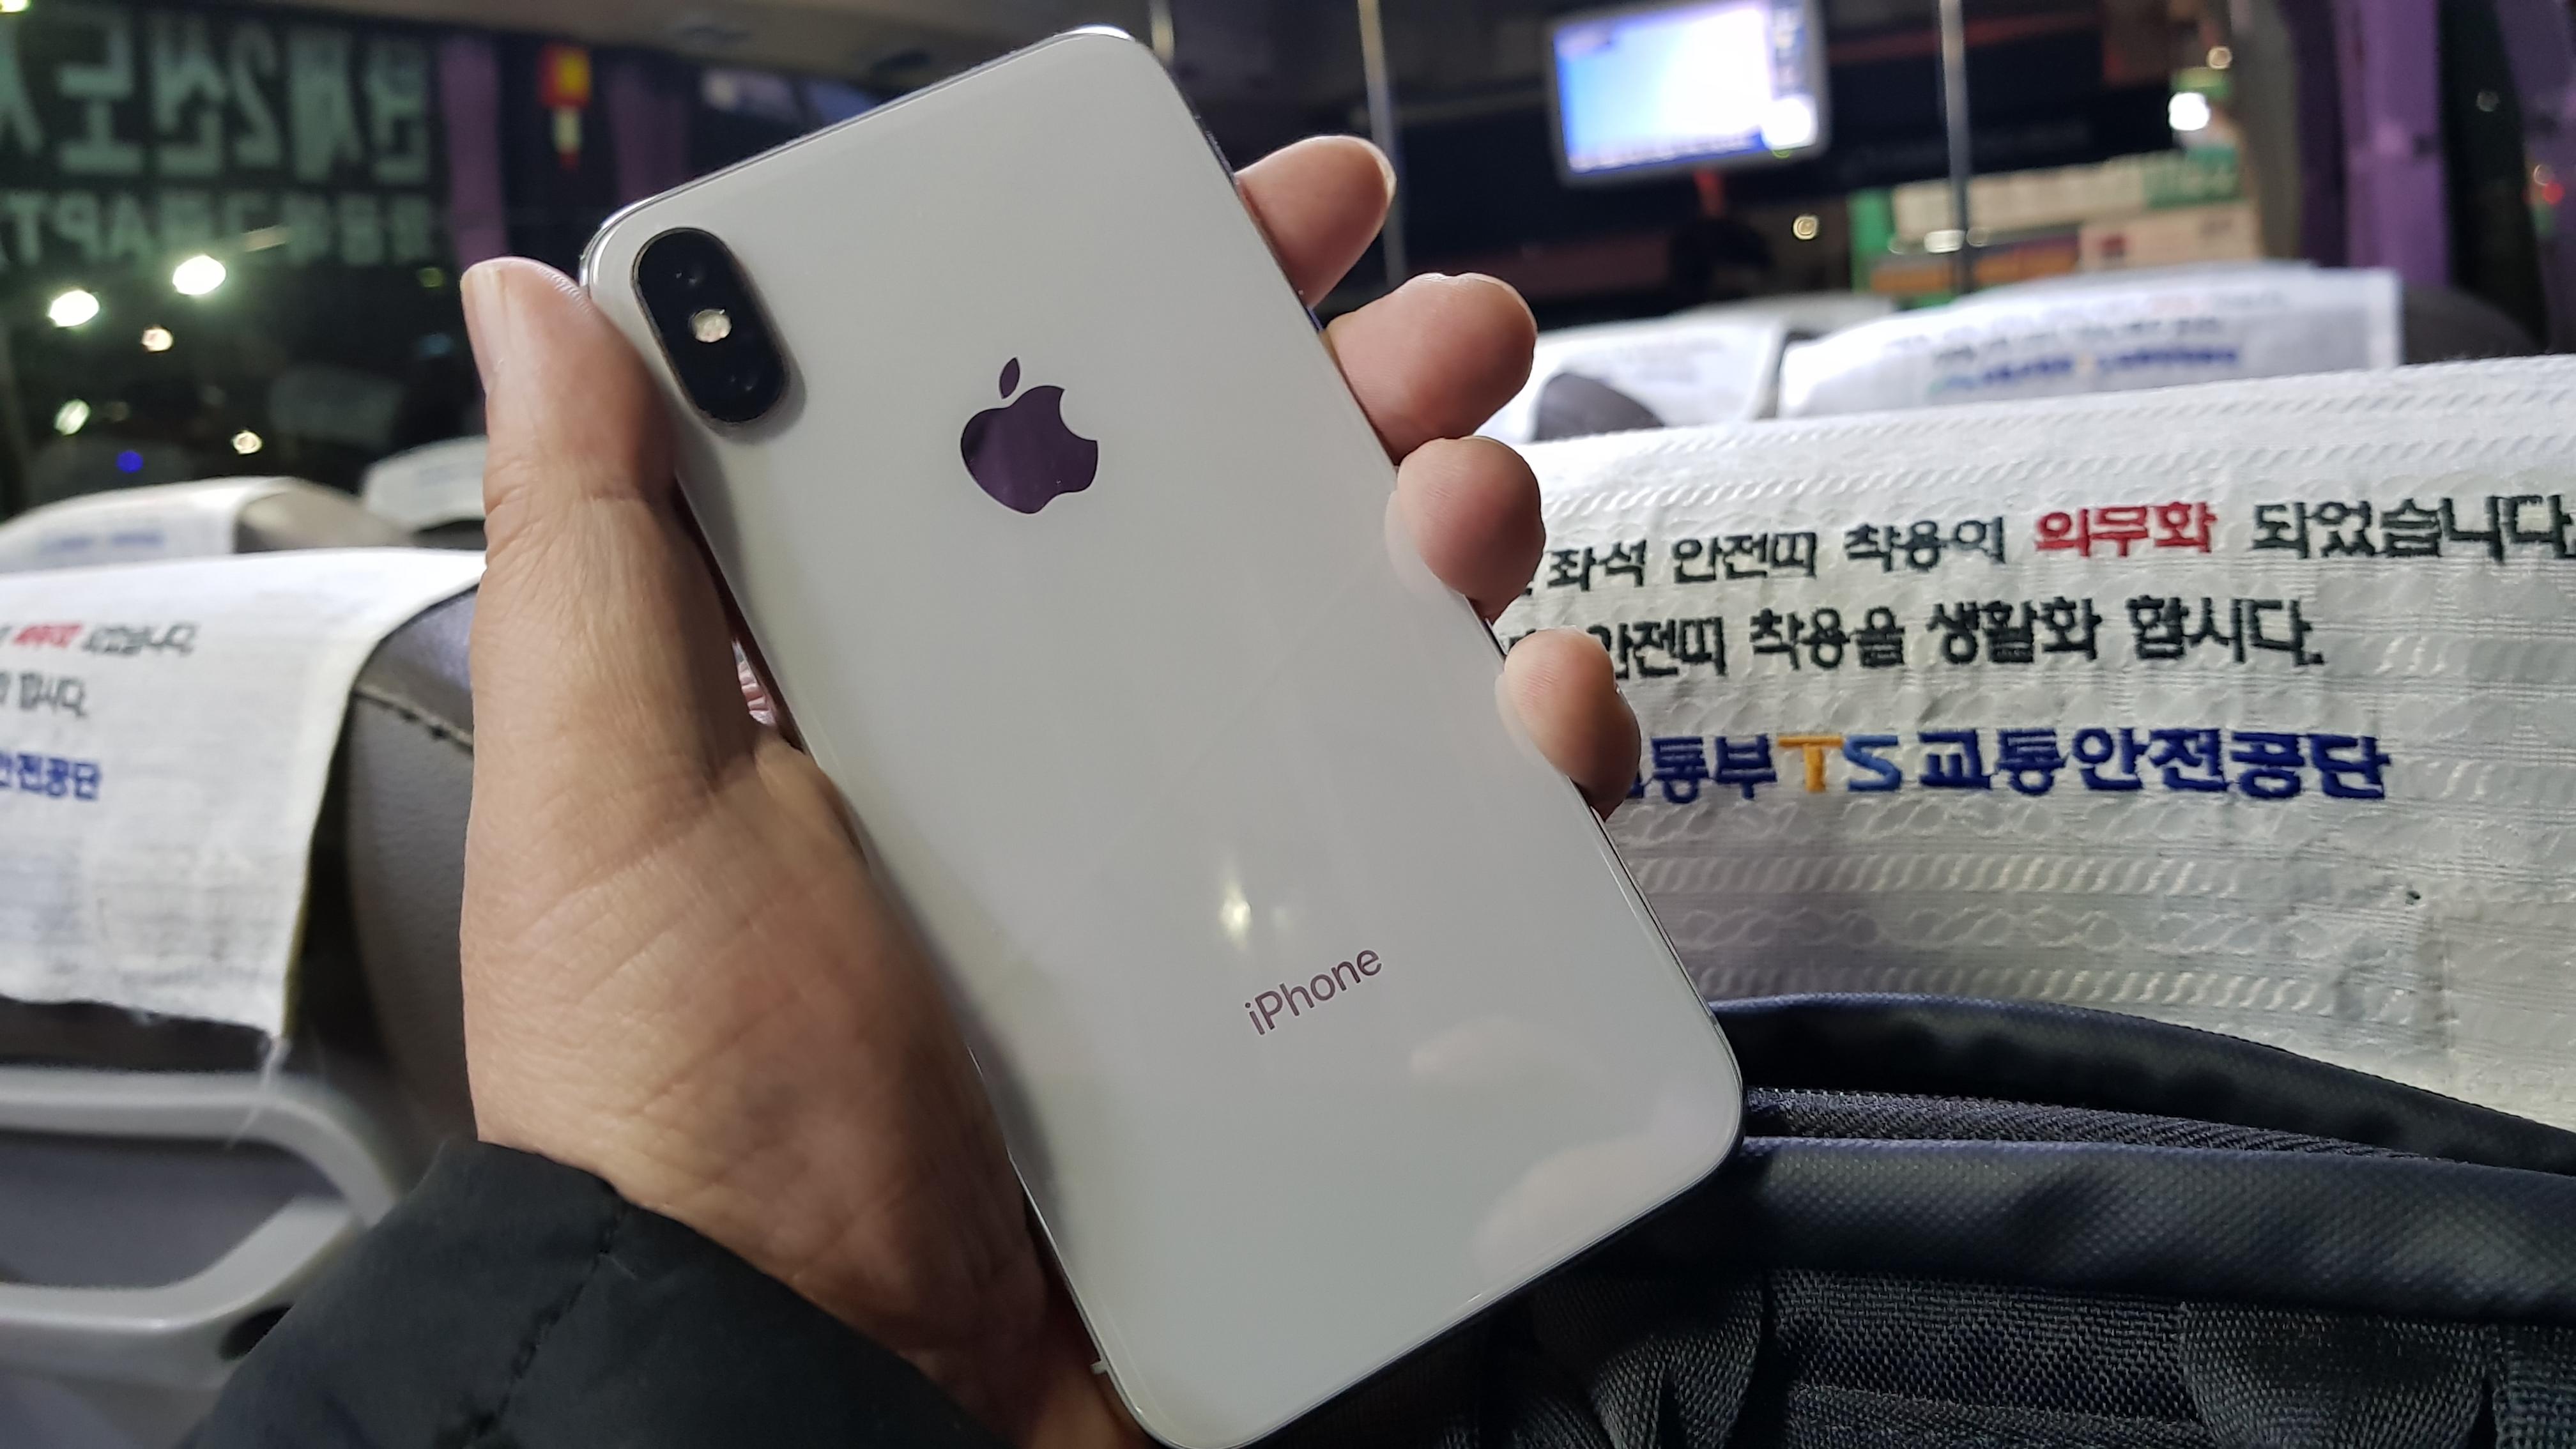 아이폰X의 달라진 점과 아이폰X 가격으로 에어팟을 받는 방법